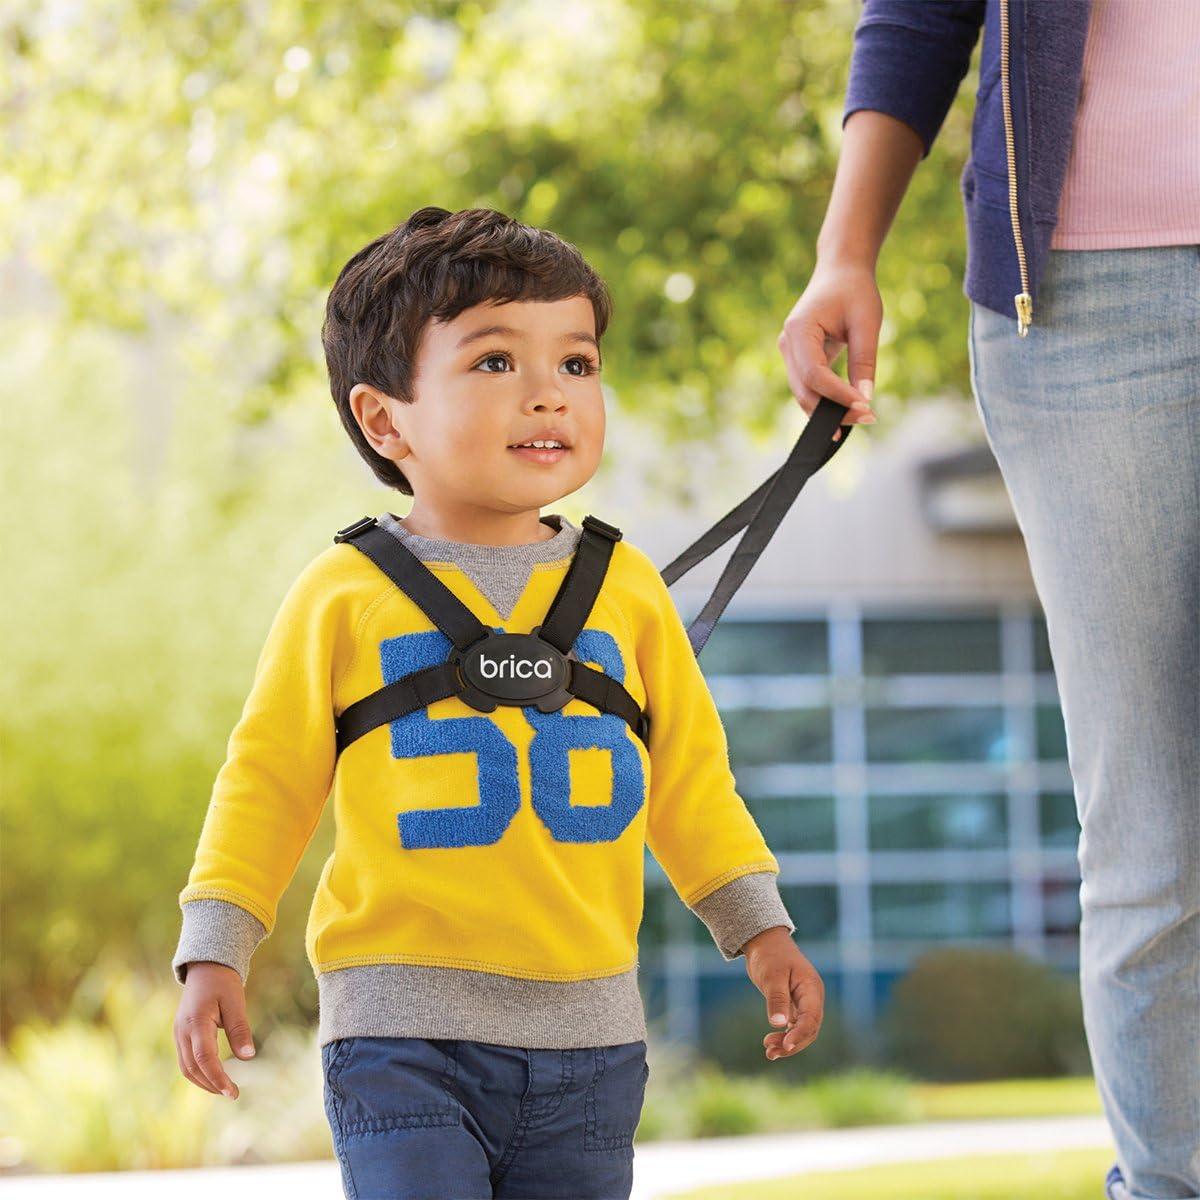 Brica By Munchkin Mochila Infantil Con Arn/és De Seguridad By-My-Side B/úho Azul